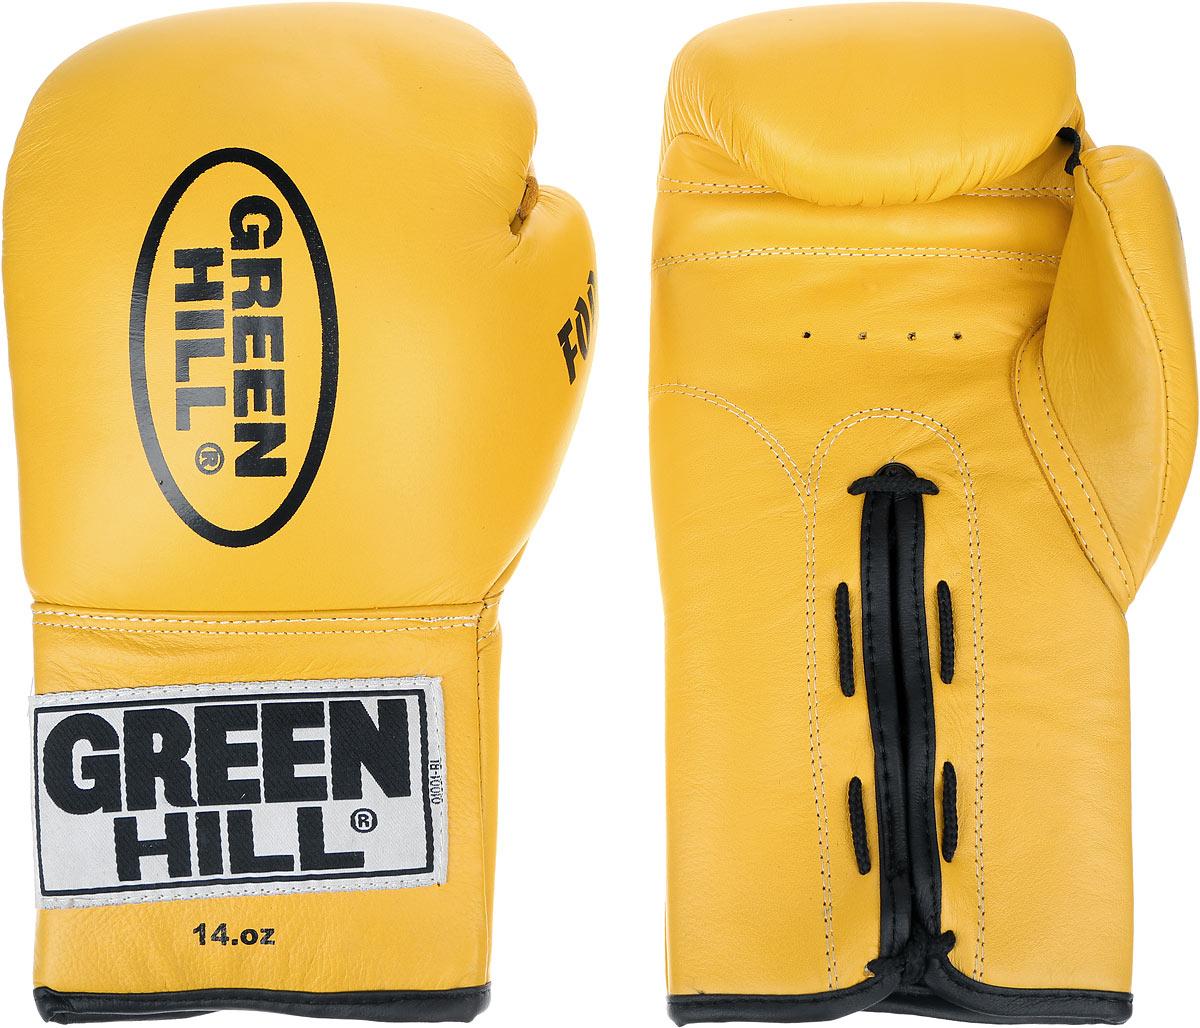 Перчатки боксерские Green Hill Force, цвет: желтый, черный. Вес 14 унций. BGF-1215AIRWHEEL Q3-340WH-BLACKБоксерские перчатки Green Hill Force предназначены для использования профессионалами и любителями. Верх выполнен из натуральной кожи, наполнитель - из вспененного полимера. Отверстия в области ладони позволяет создать максимально комфортный терморежим во время занятий. Манжет на шнуровке способствует быстрому и удобному надеванию перчаток, плотно фиксирует перчатки на руке.